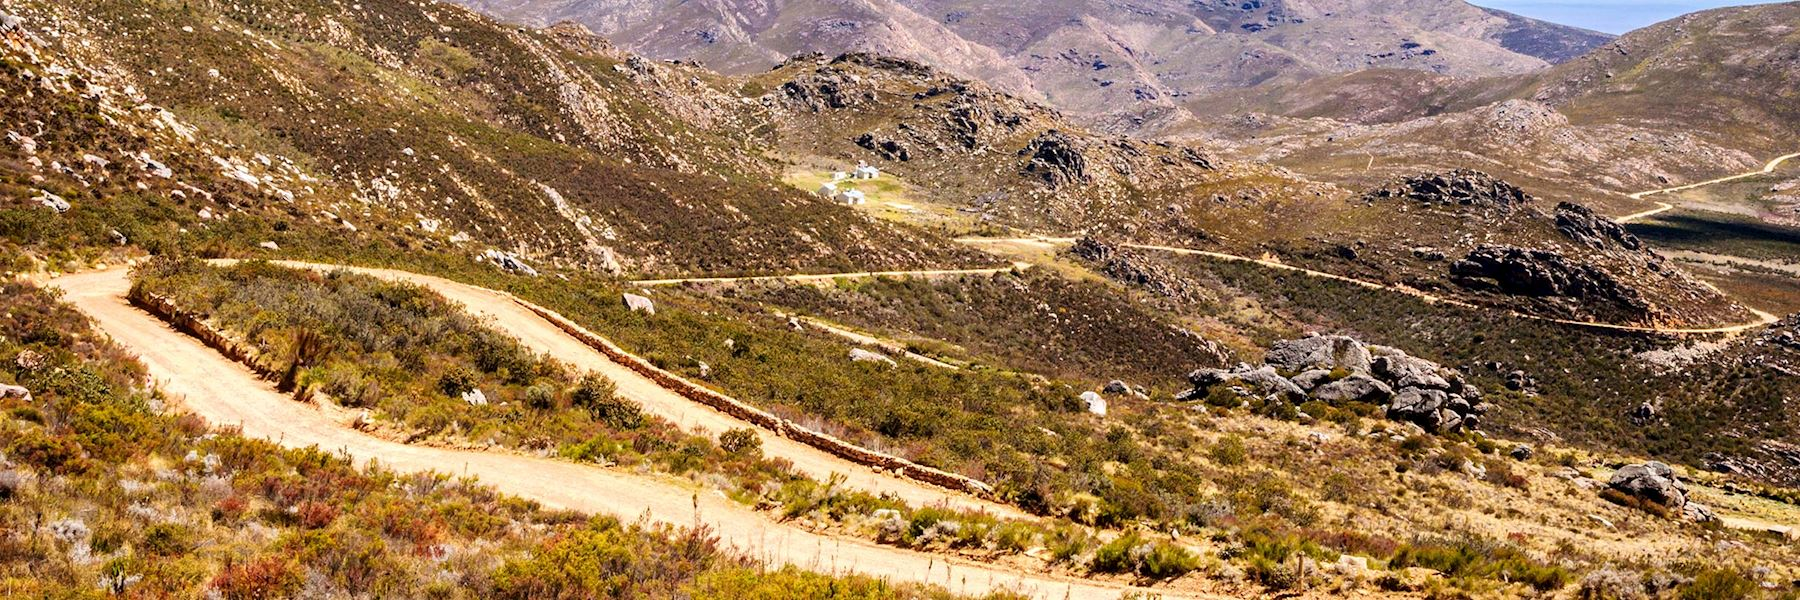 Visit the Klein Karoo, South Africa